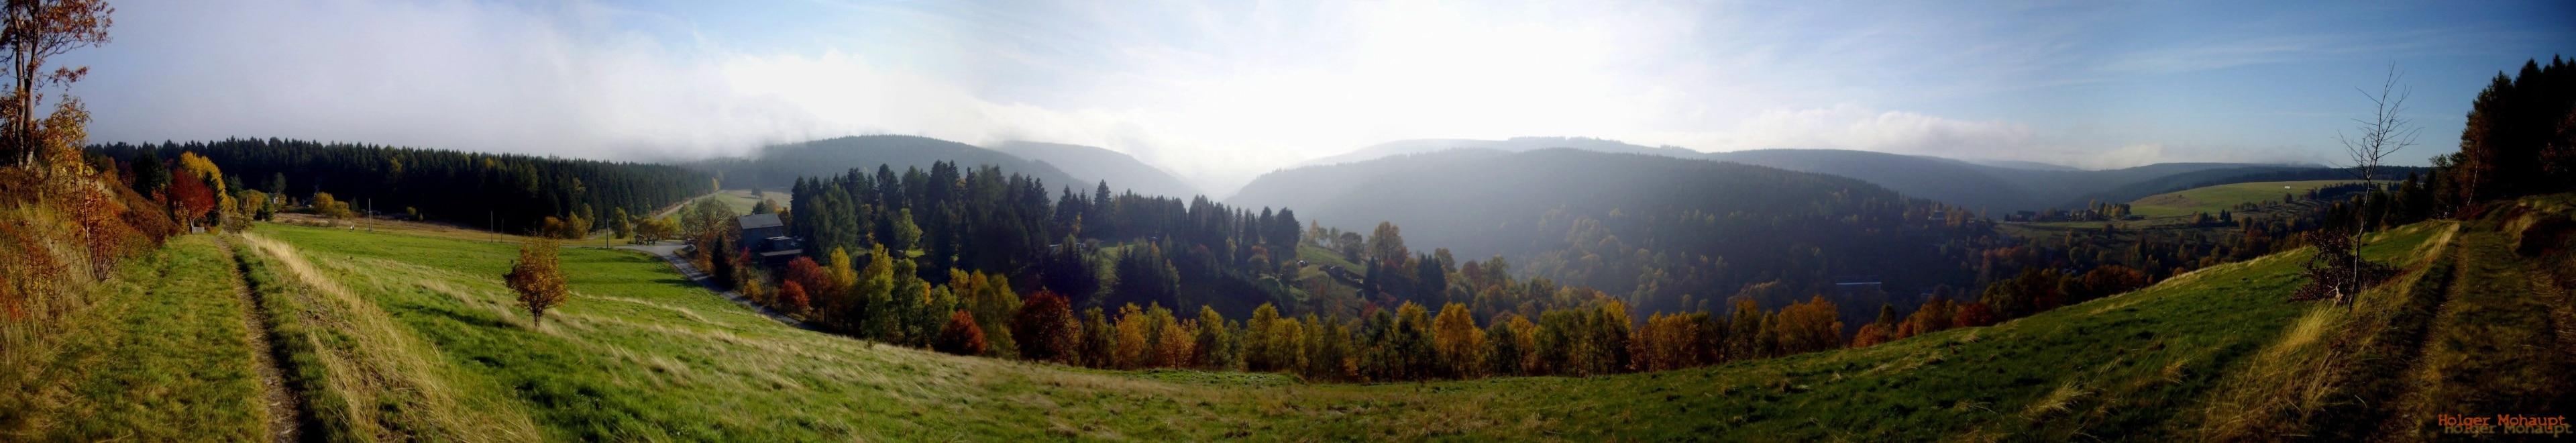 Lauscha, Thüringen, Deutschland